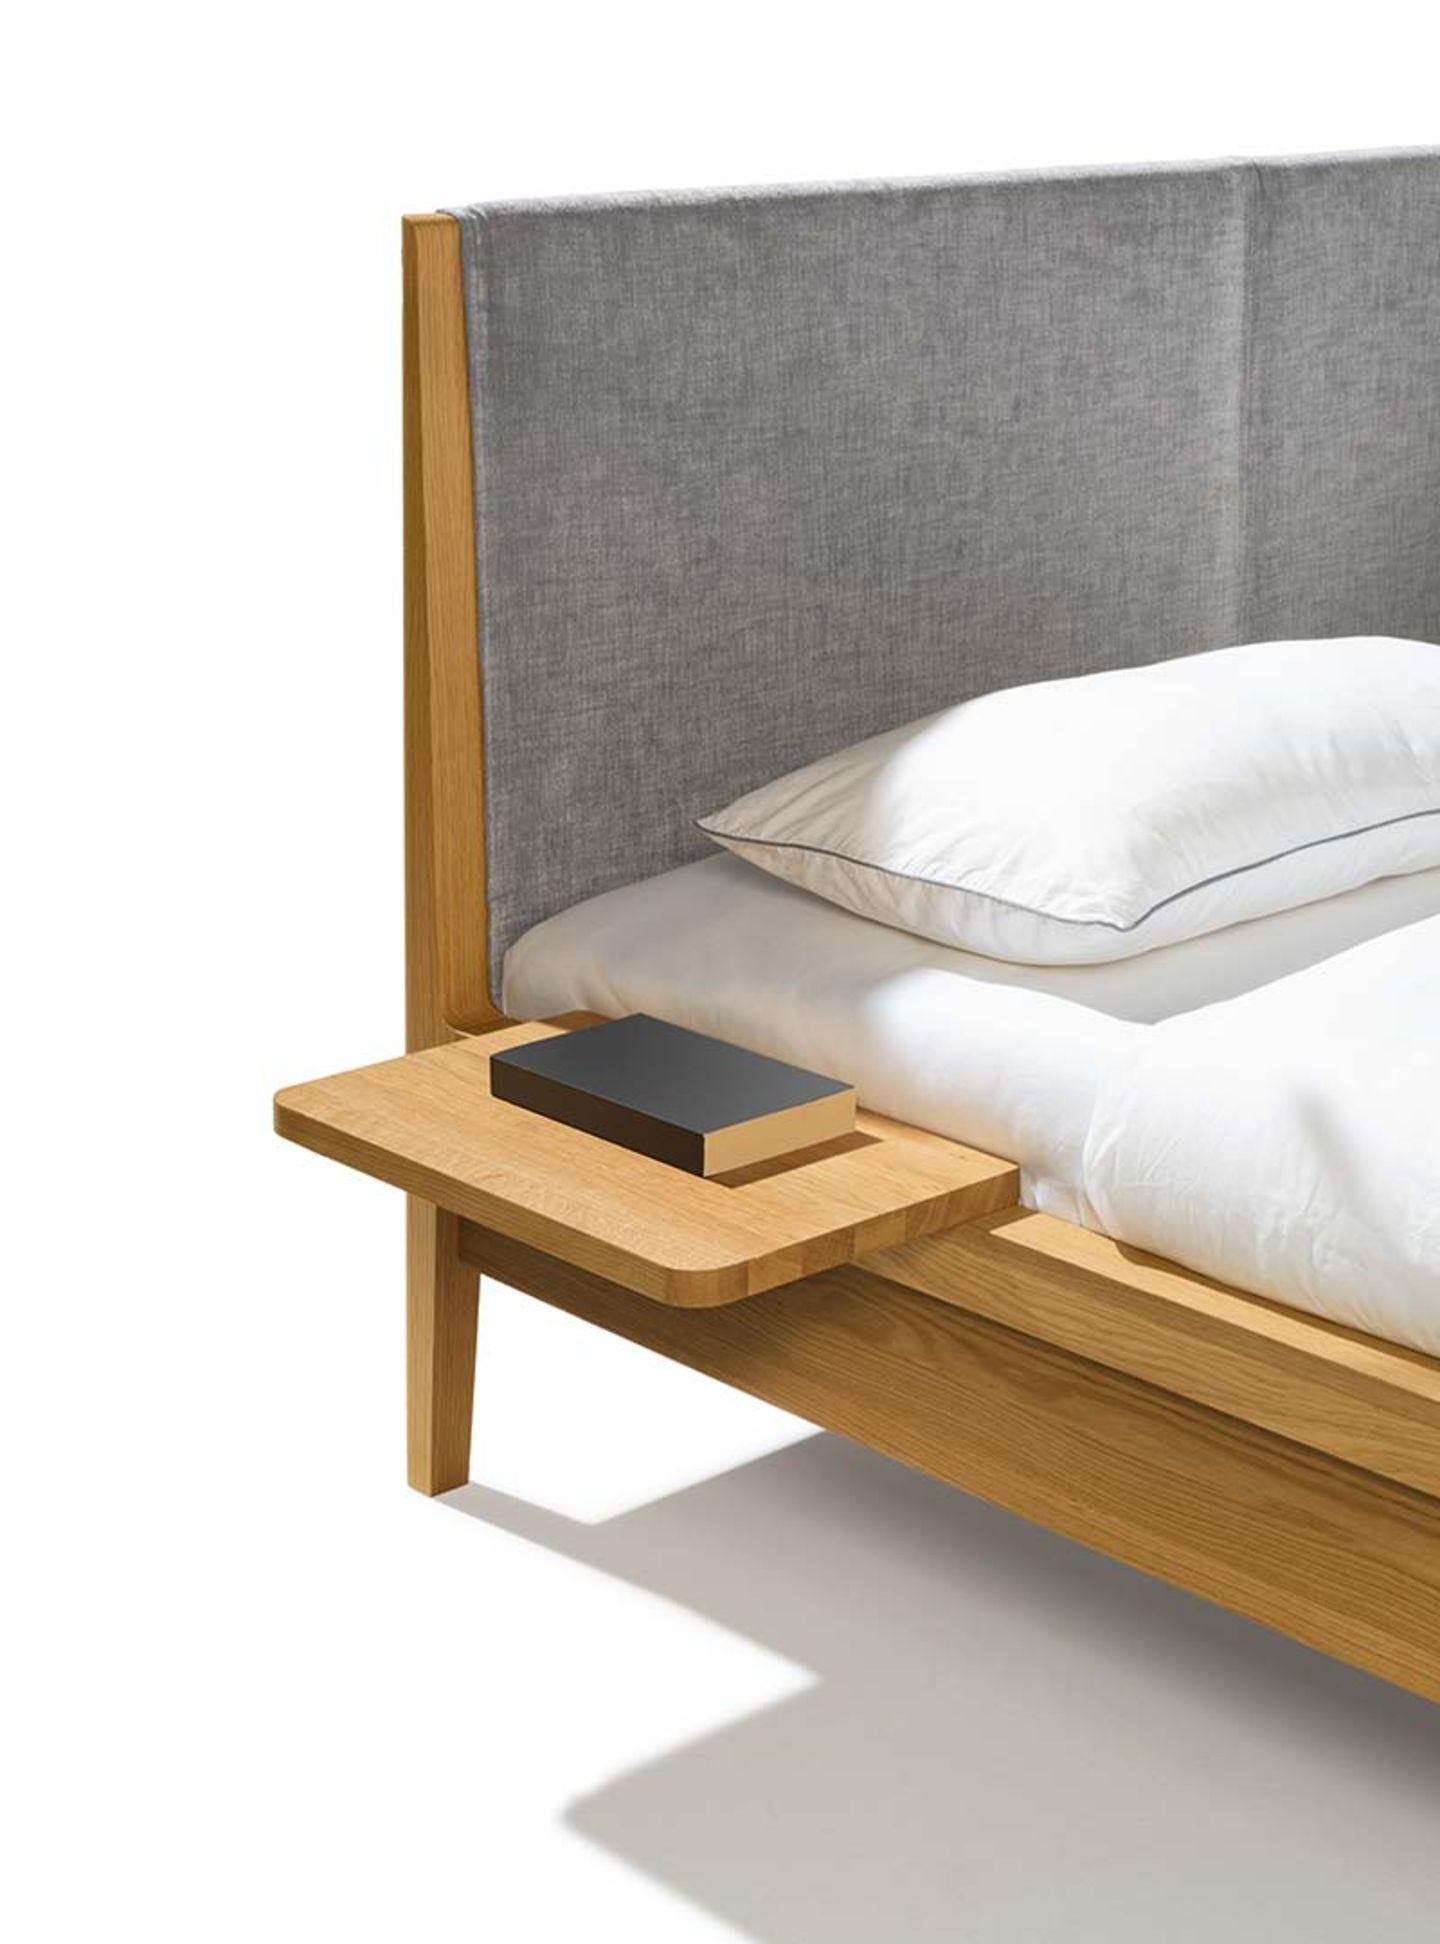 Кровать mylon с консолью в дубе от TEAM 7